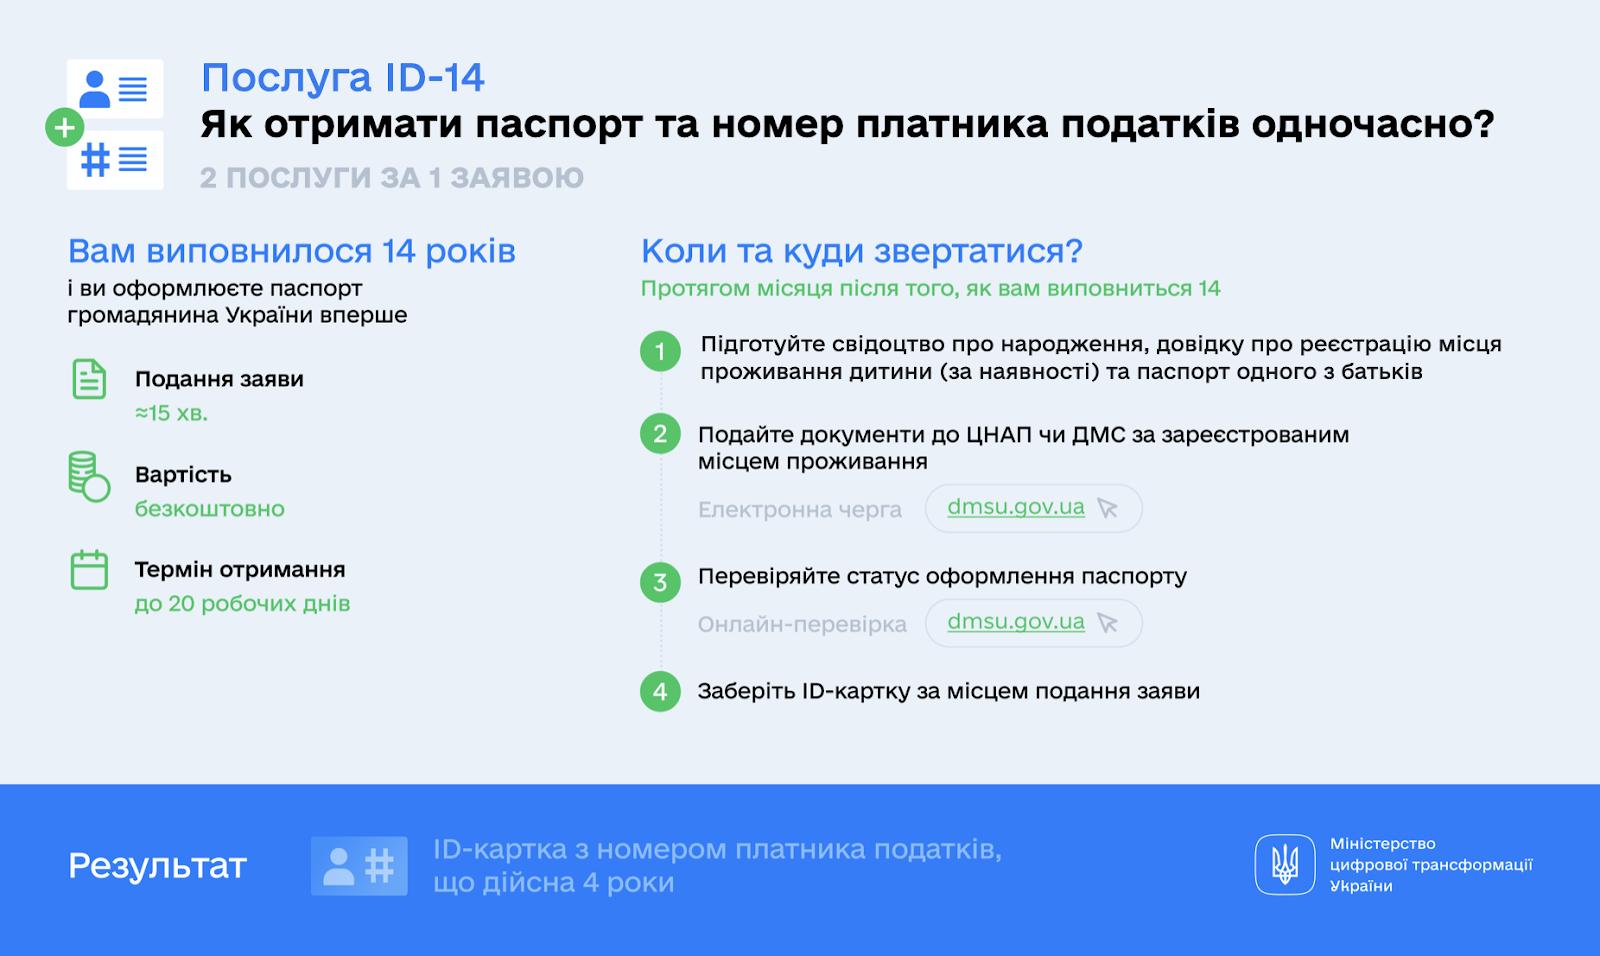 https://thedigital.gov.ua/storage/uploads/images/news_post/2020/5/v-ukraini-zapratsyuvala-kompleksna-posluga-dlya-pidlitkiv-id-14/INFOGRAPHICS.png